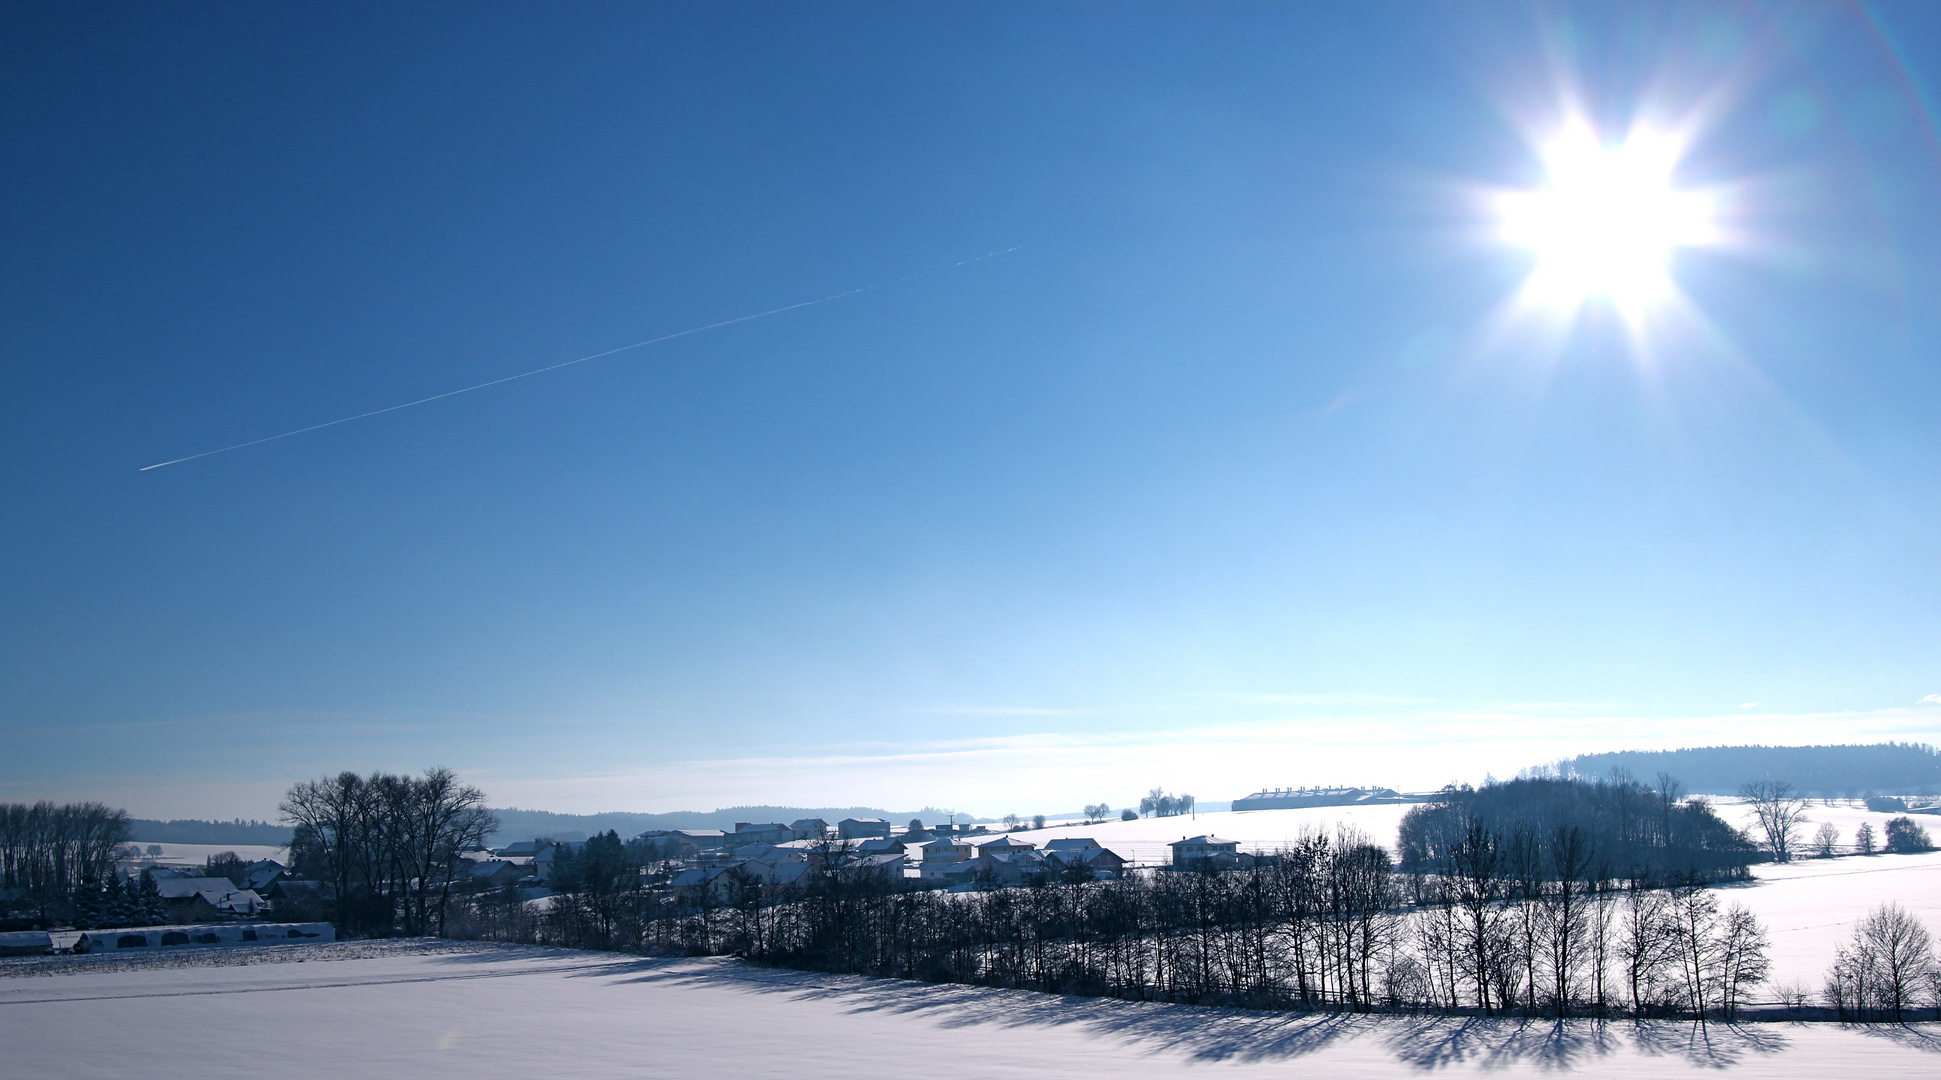 blauer himmel schnee und sonnenschein foto bild jahreszeiten winter natur bilder auf. Black Bedroom Furniture Sets. Home Design Ideas